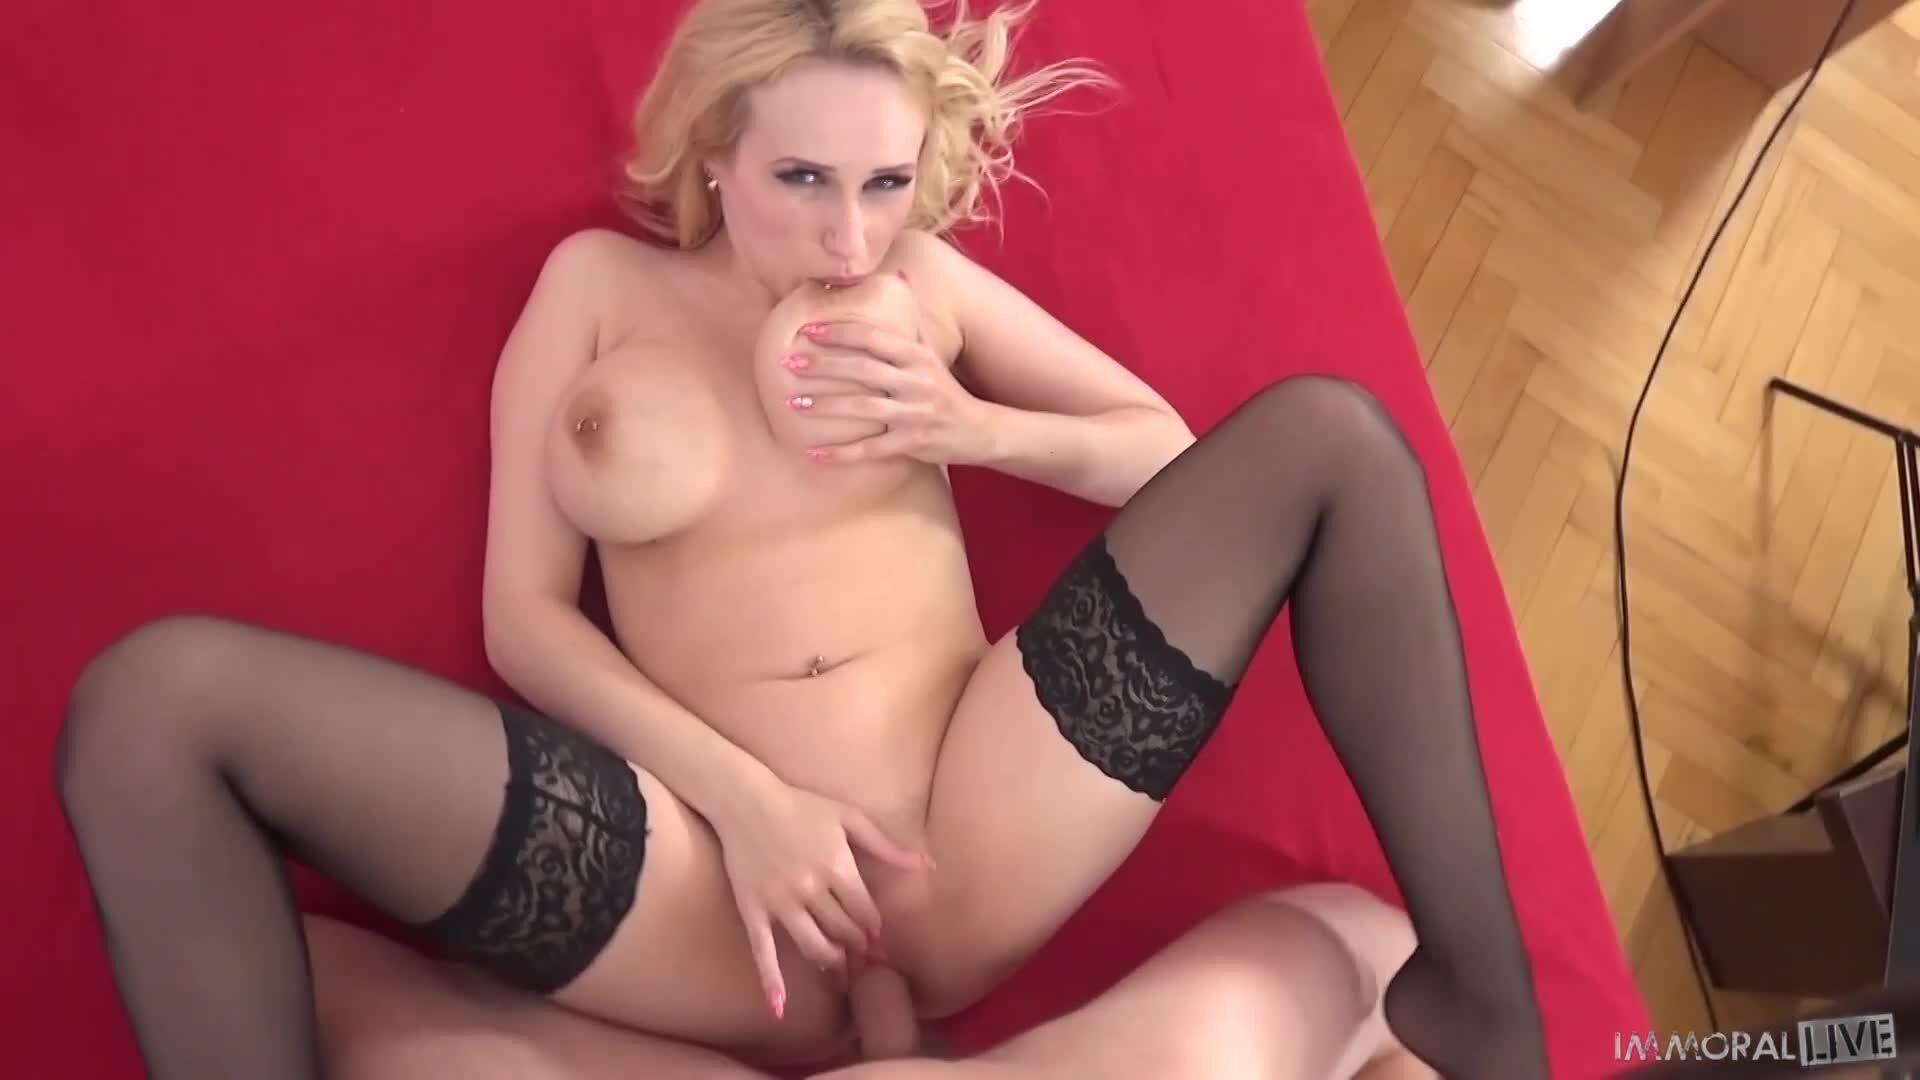 Die kurvenreiche blonde Sexbombe Angel Wicky wird geschlagen und besahnt